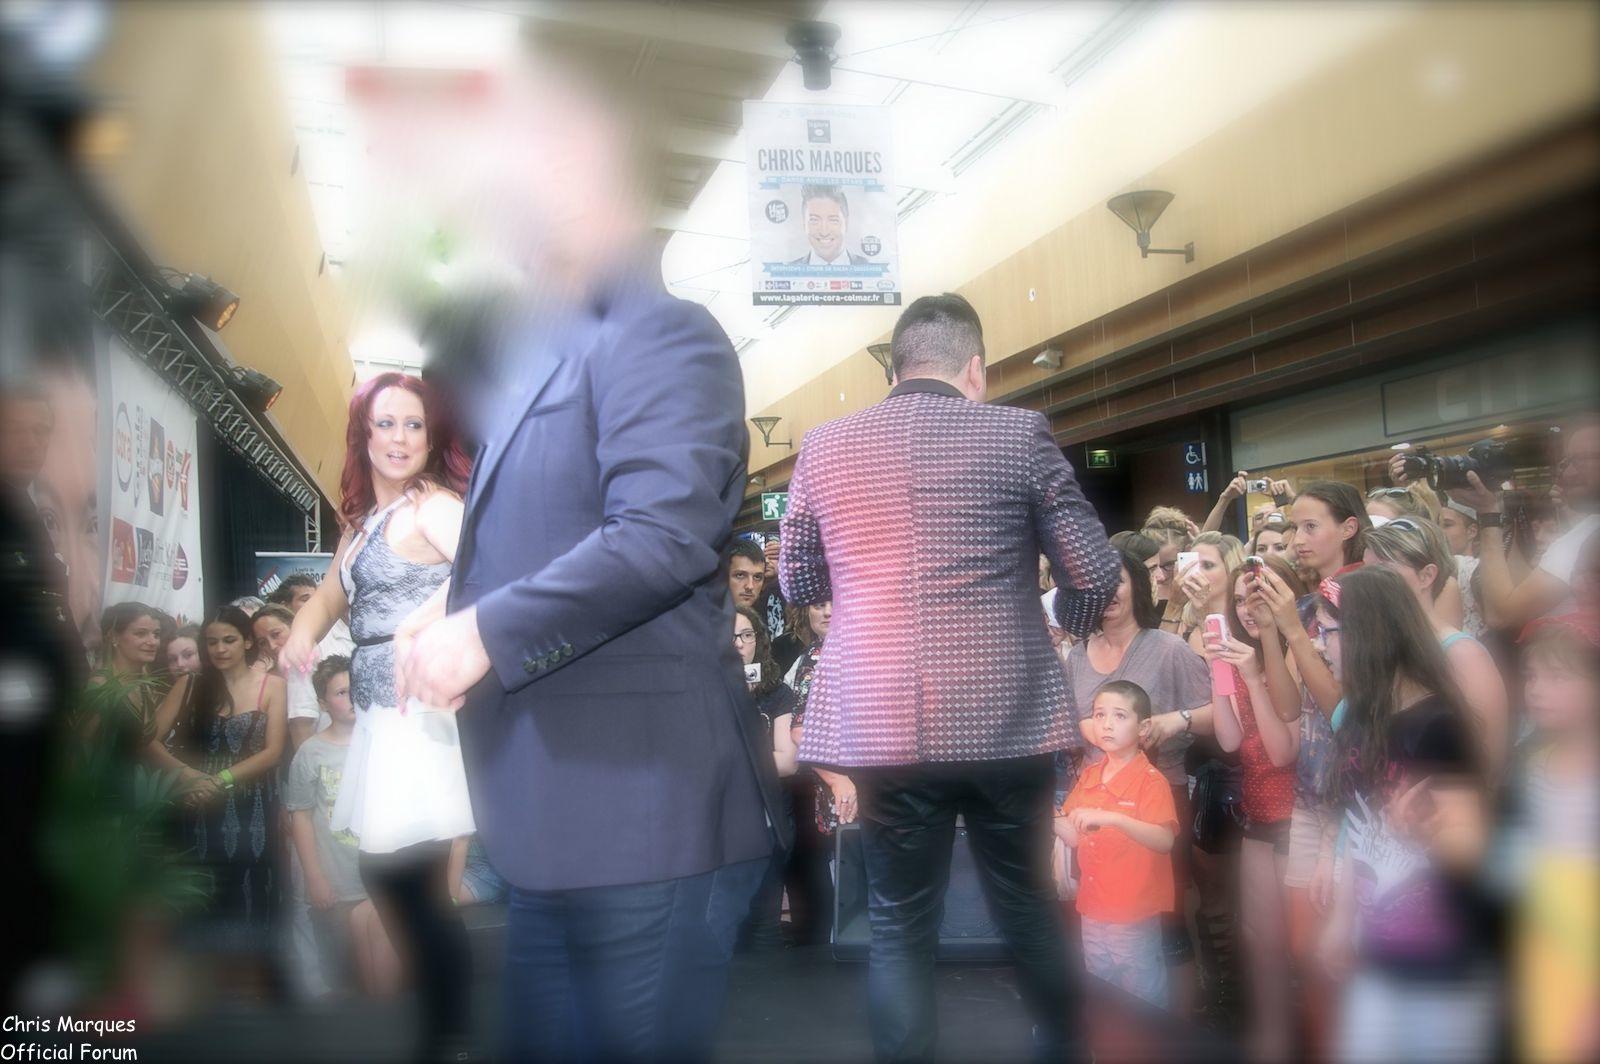 [14.06.2014] Evénement à #Colmar Chris Marques et Jaclyn Spencer pour un Flashmob/Cours de Danse/Dédicaces exceptionnels le tout organisé par la MJC de Colmar 7511